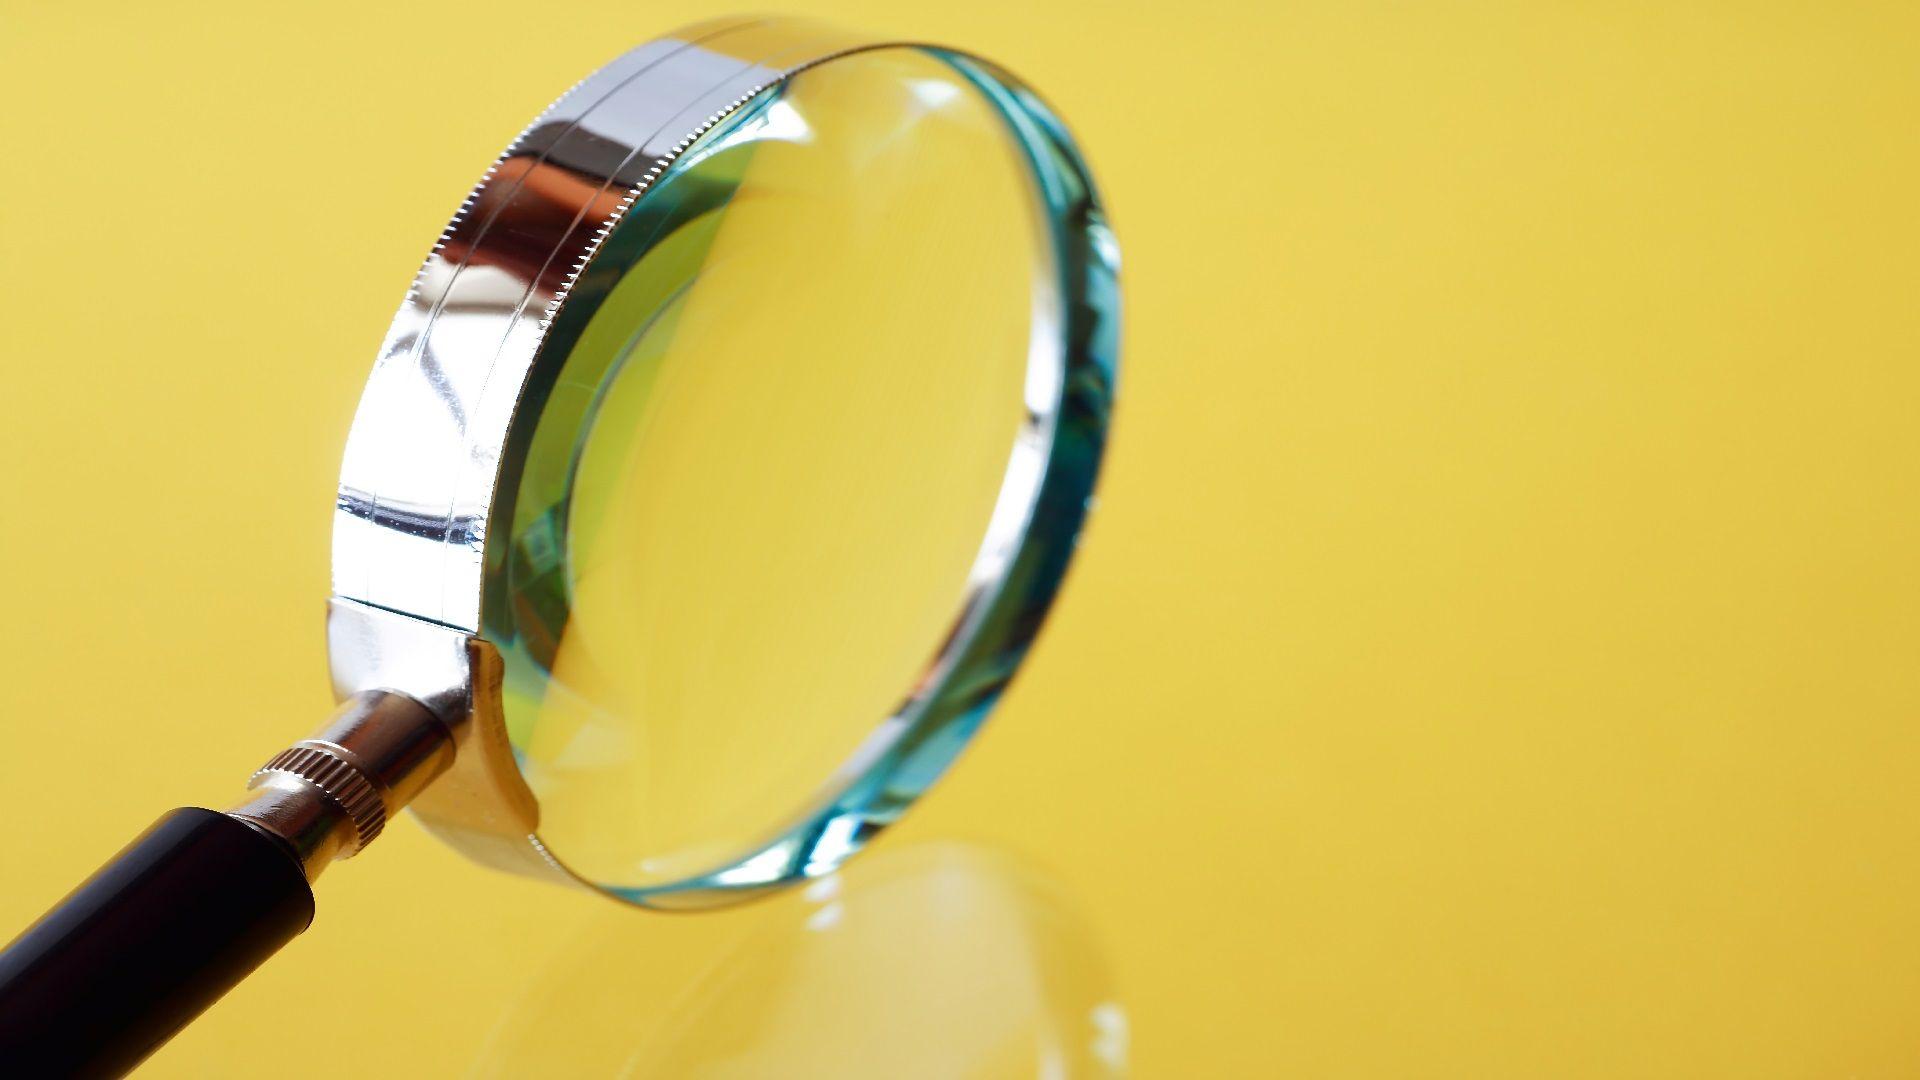 זכוכית מגדלת לבדיקת נאותות עם רקע צהוב